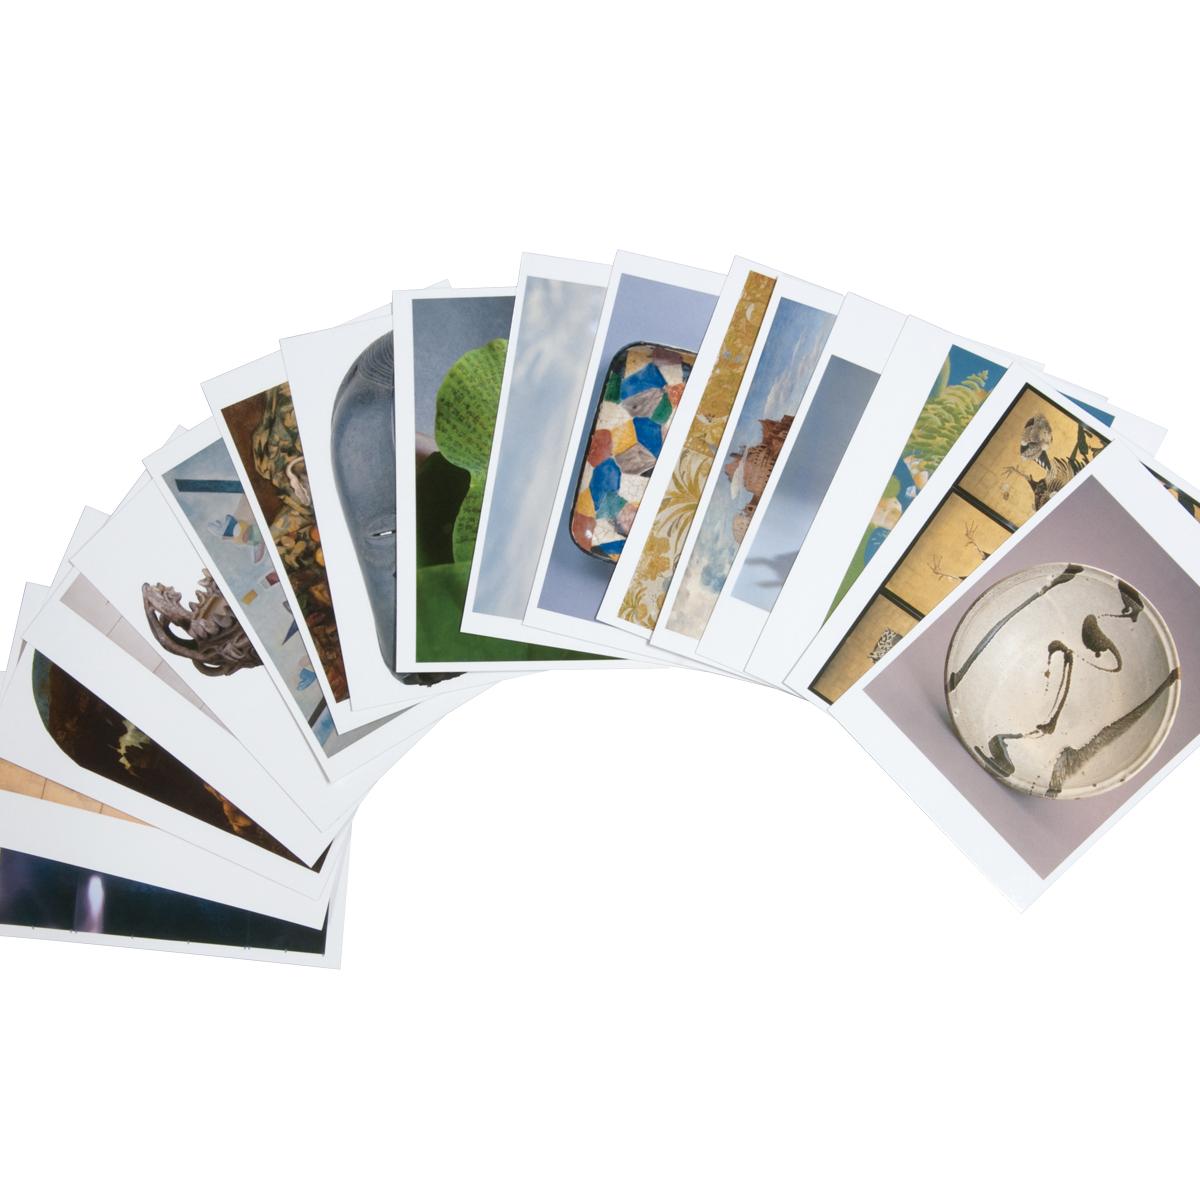 SCOPE スコープ アートポストカード集 Vol.2 生徒用セット 【 ポストカード アート鑑賞 】